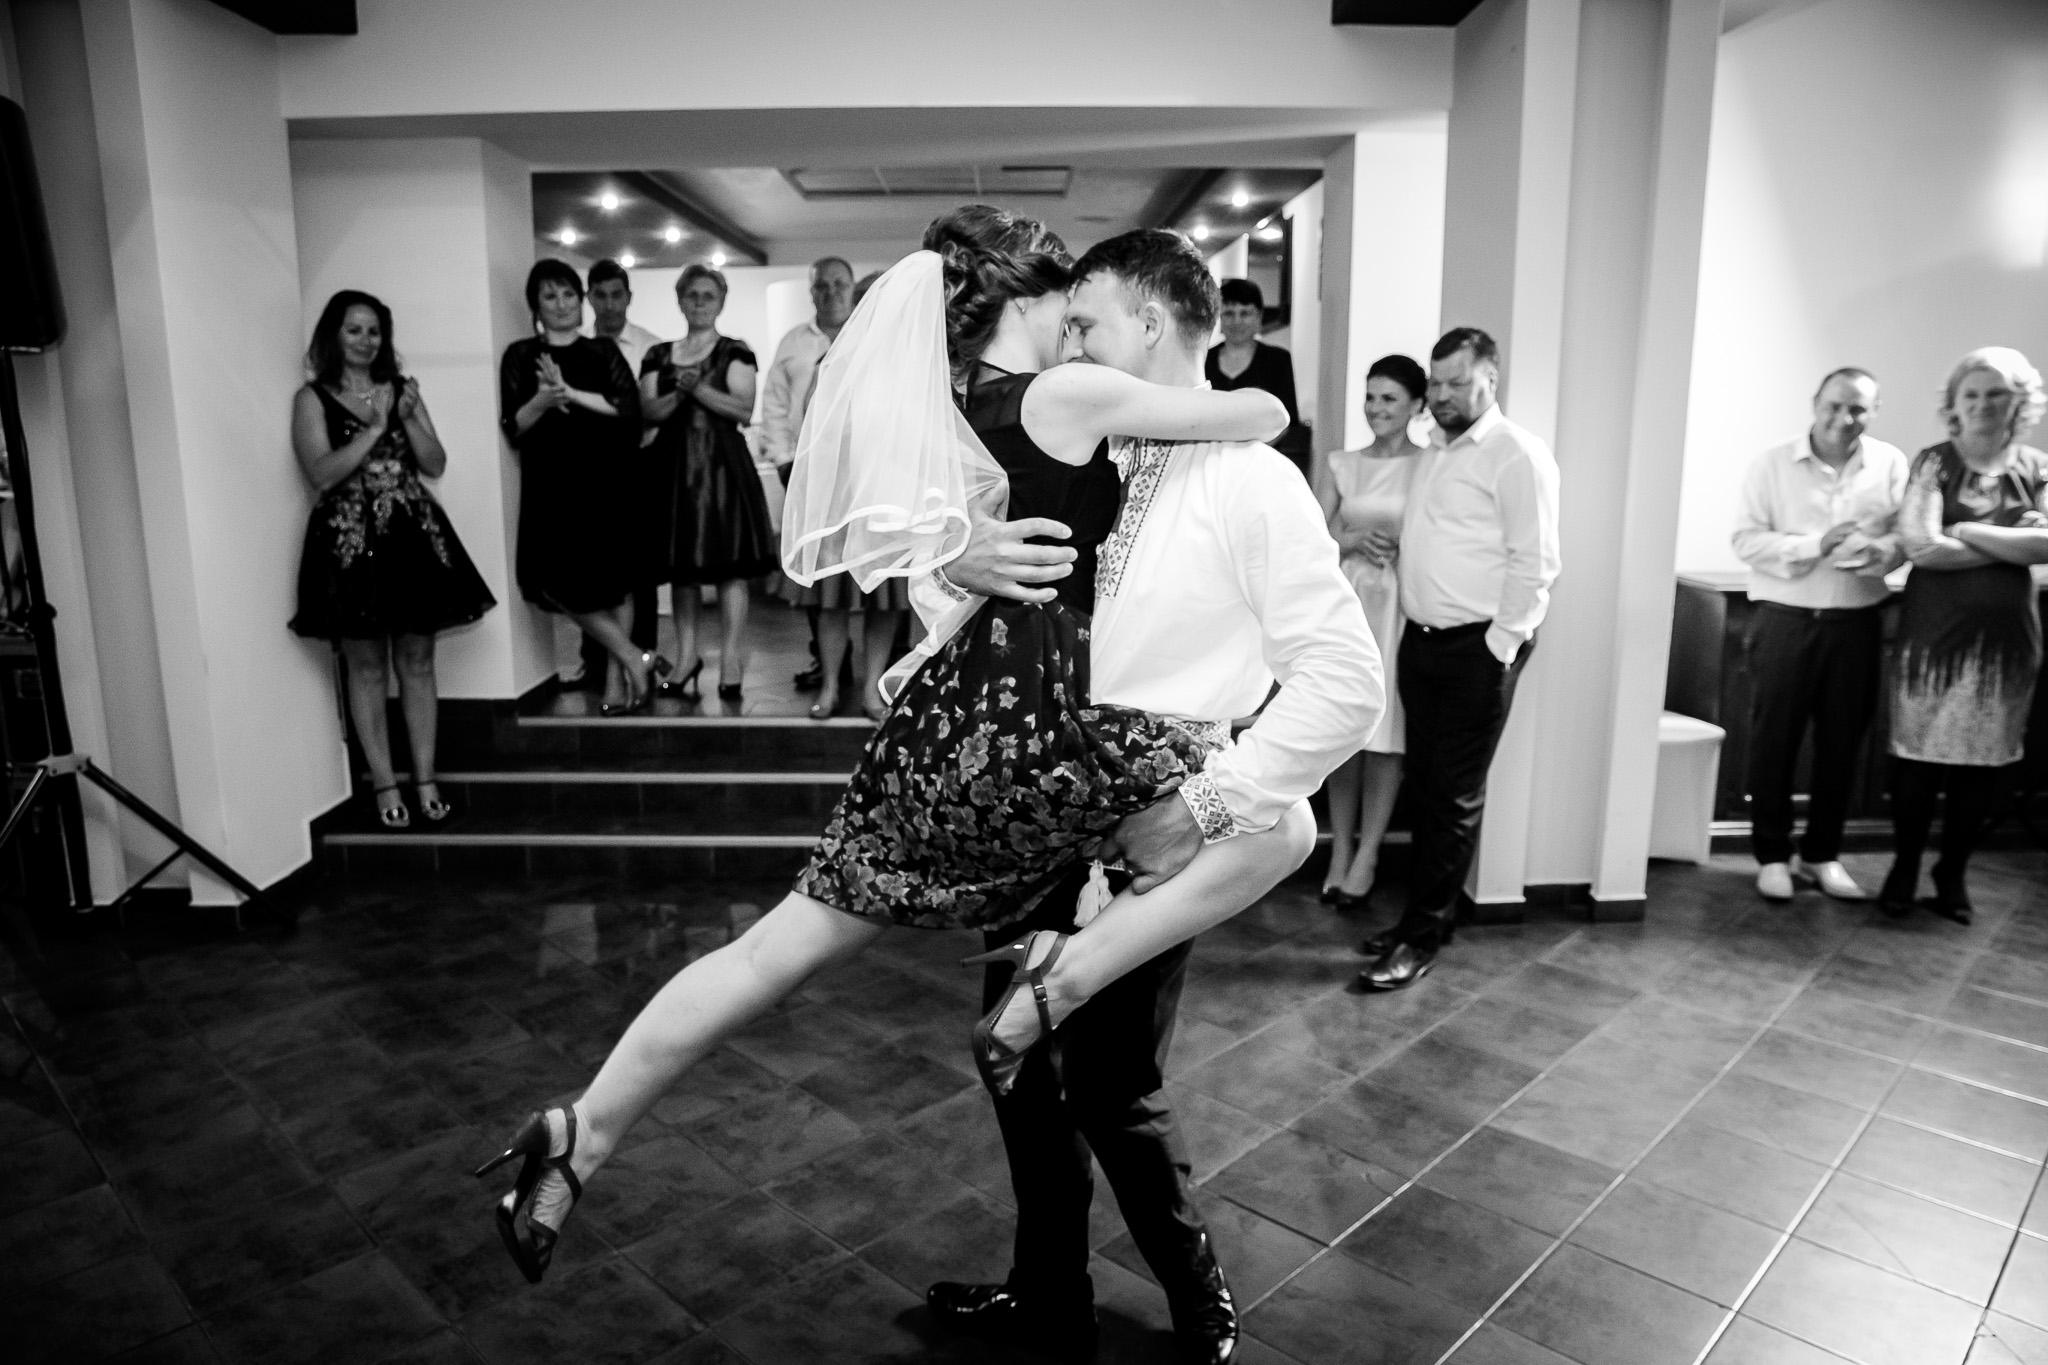 Nuntă tradițională Elisabeta și Alexandru fotograf profesionist nunta Iasi www.paulpadurariu.ro © 2018 Paul Padurariu fotograf de nunta Iasi moment artistic miri 4